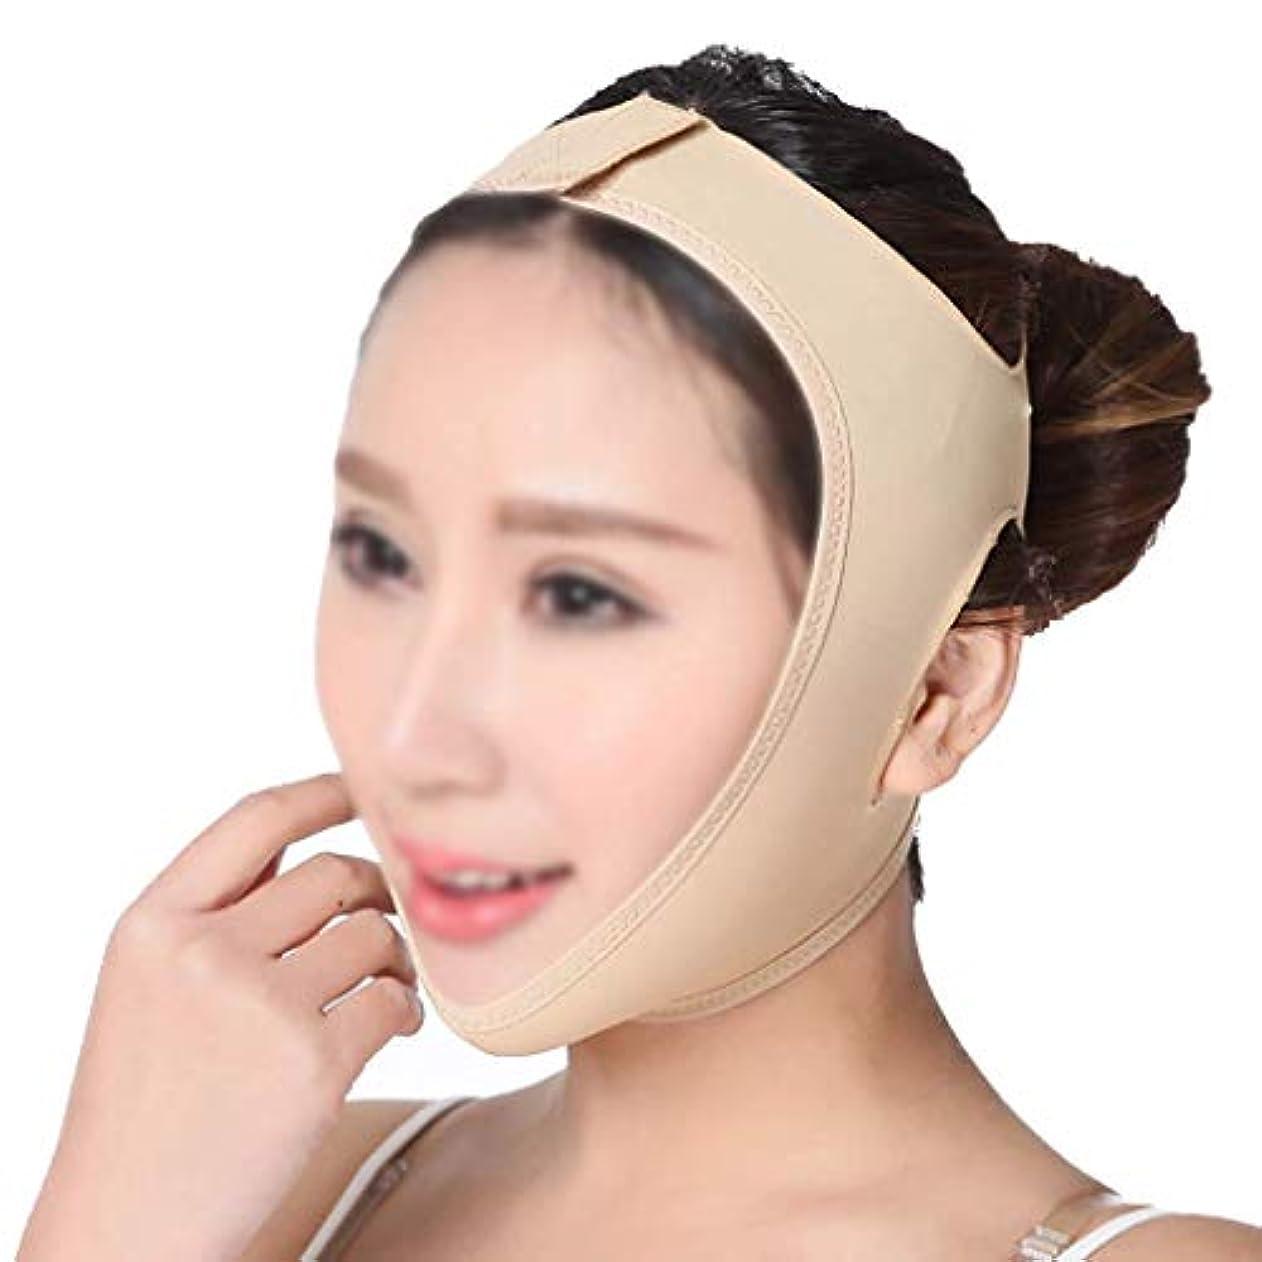 コーンレバー幻滅するフェイスリフティングマスク、リフティングチン、フェイシャルスキン、頬垂れ防止、快適で 生地、詰まることを拒否、着用が簡単(サイズ:M),M